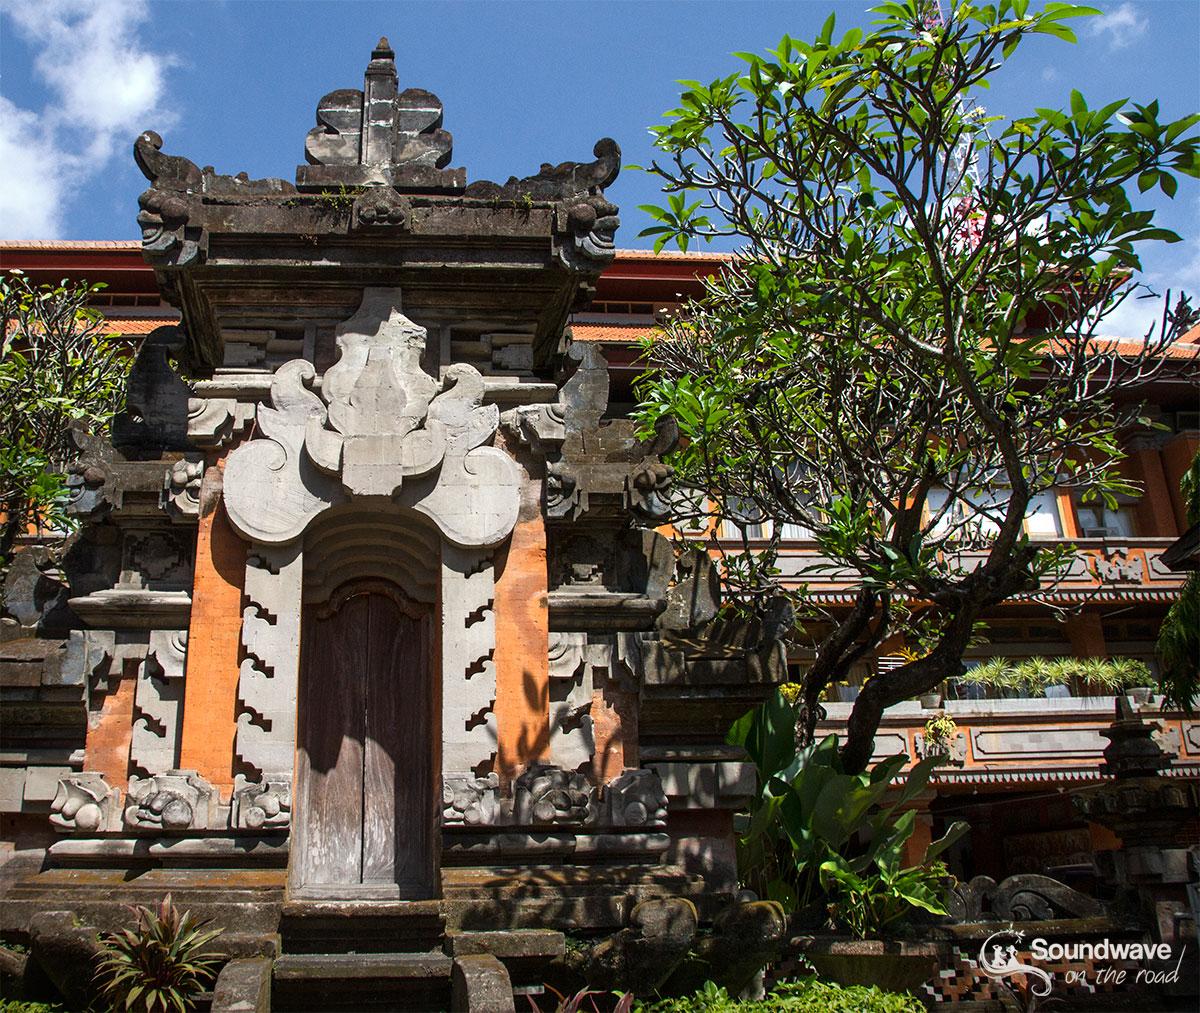 Temple door in Bali